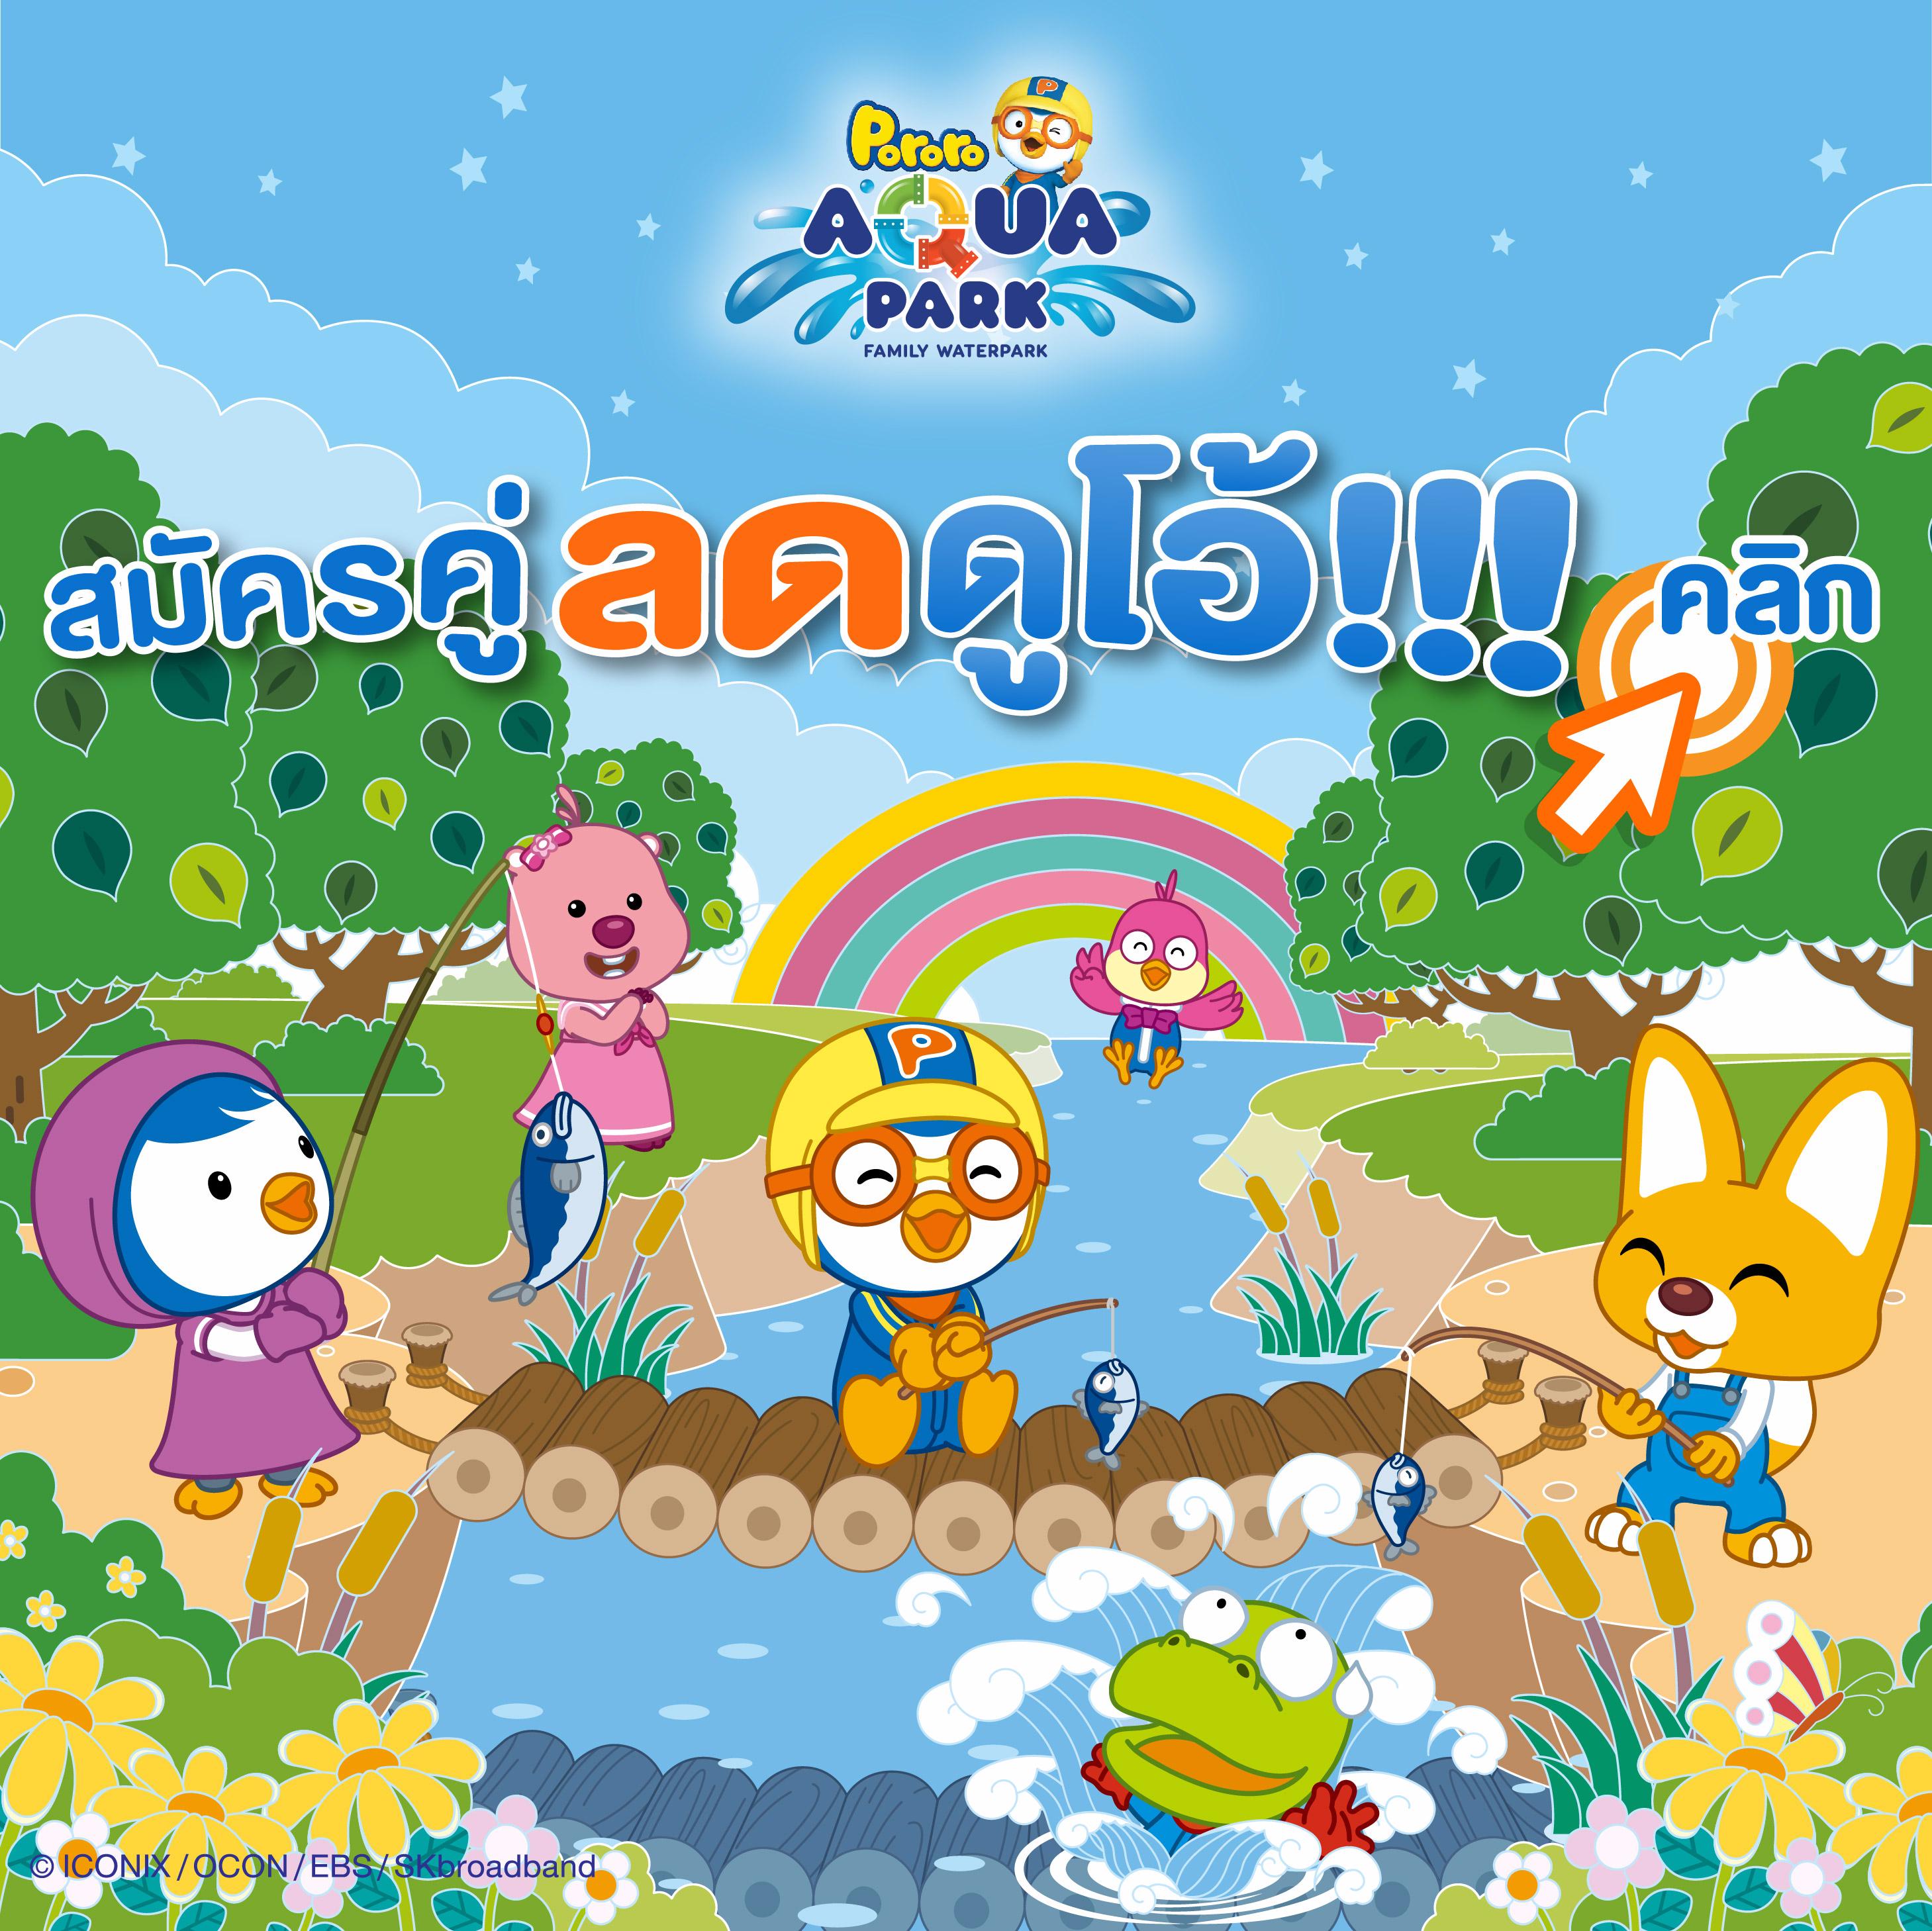 สมาชิก สมัครคู่ ลดดูโอ้ | Pororo AquaPark Bangkok